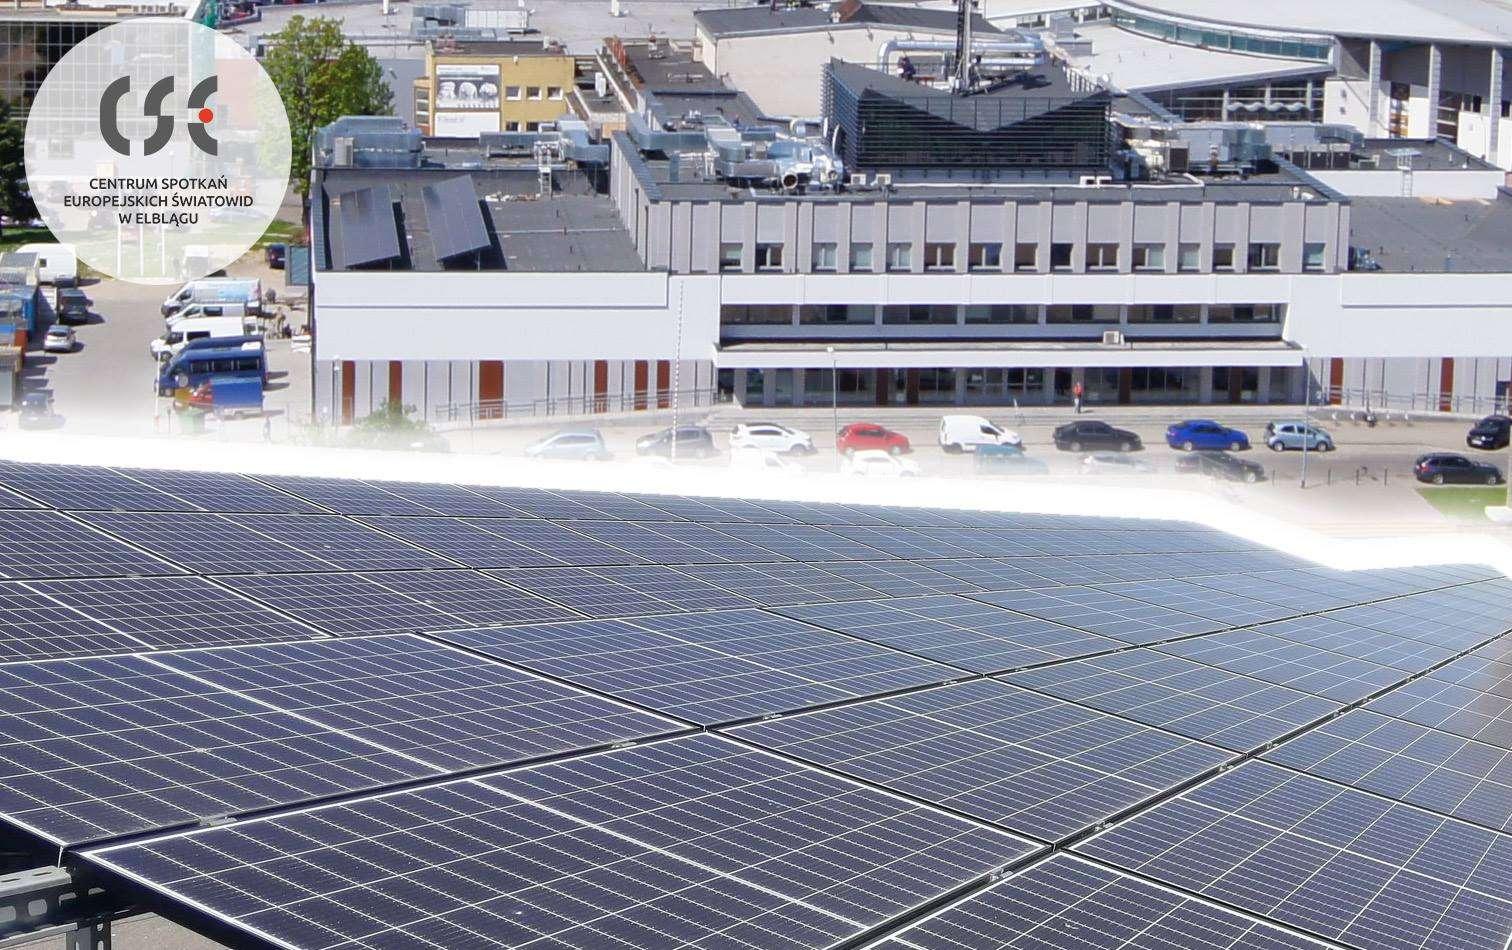 """CSE """"Światowid"""" w Elblągu inwestuje w zieloną energię"""